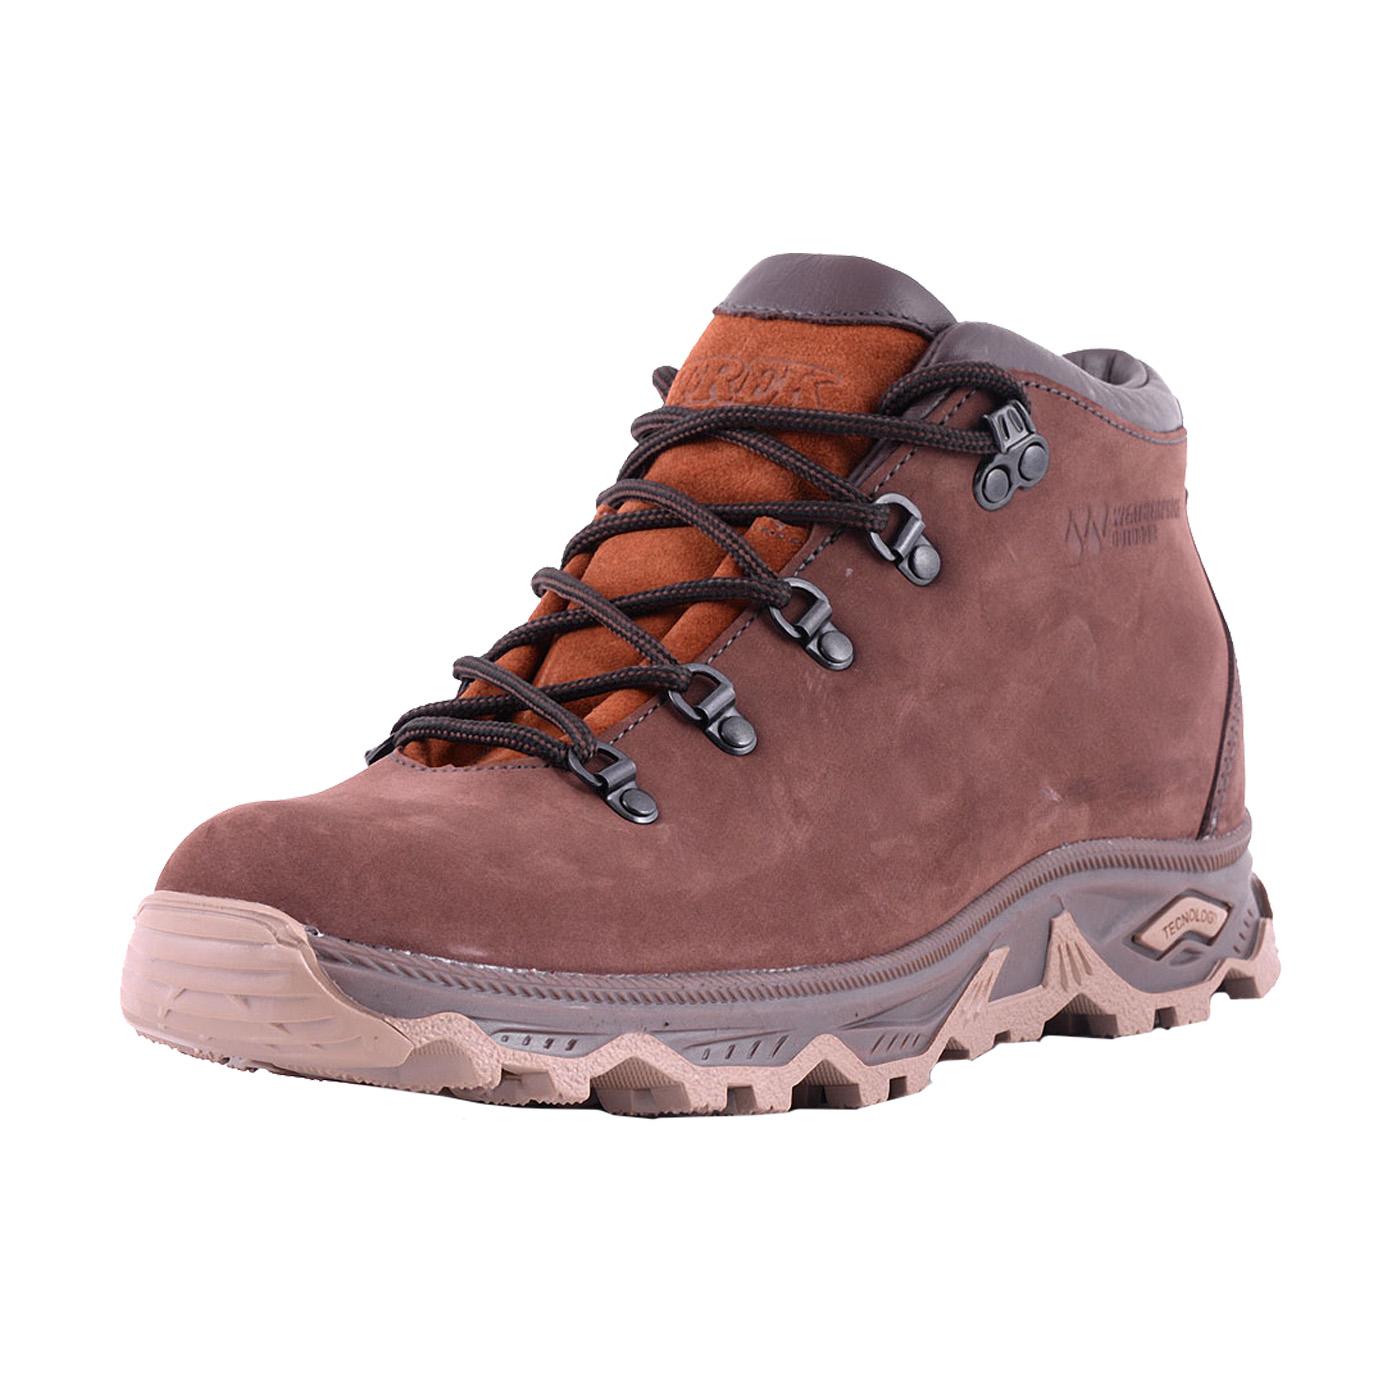 Купить Ботинки TREK Andes6 (капровелюр), Обувная фабрика Trek